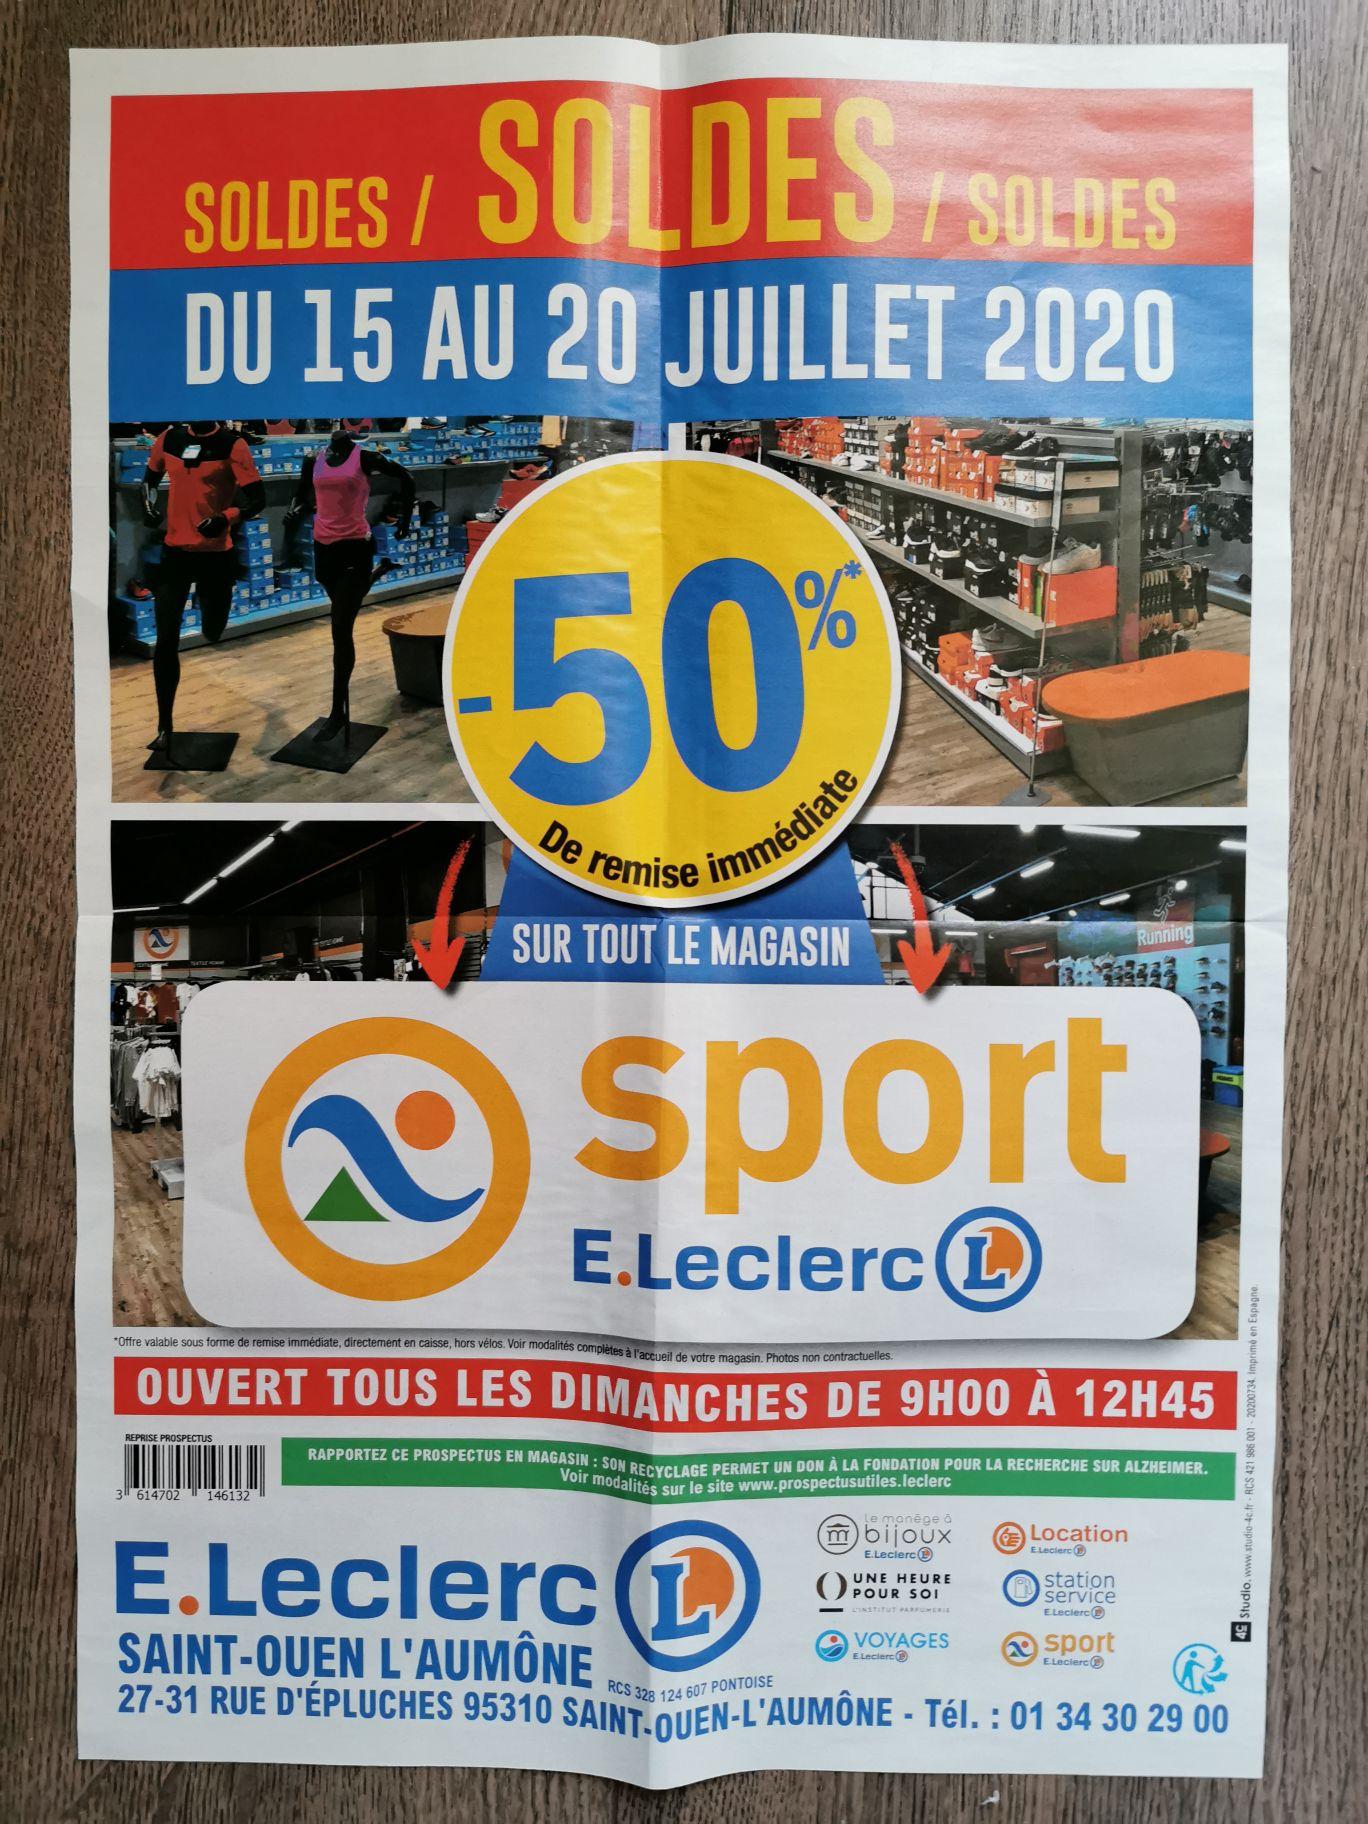 50% de réduction sur tout le magasin (Hors vélos) - Saint-Ouen-l'Aumône (95)